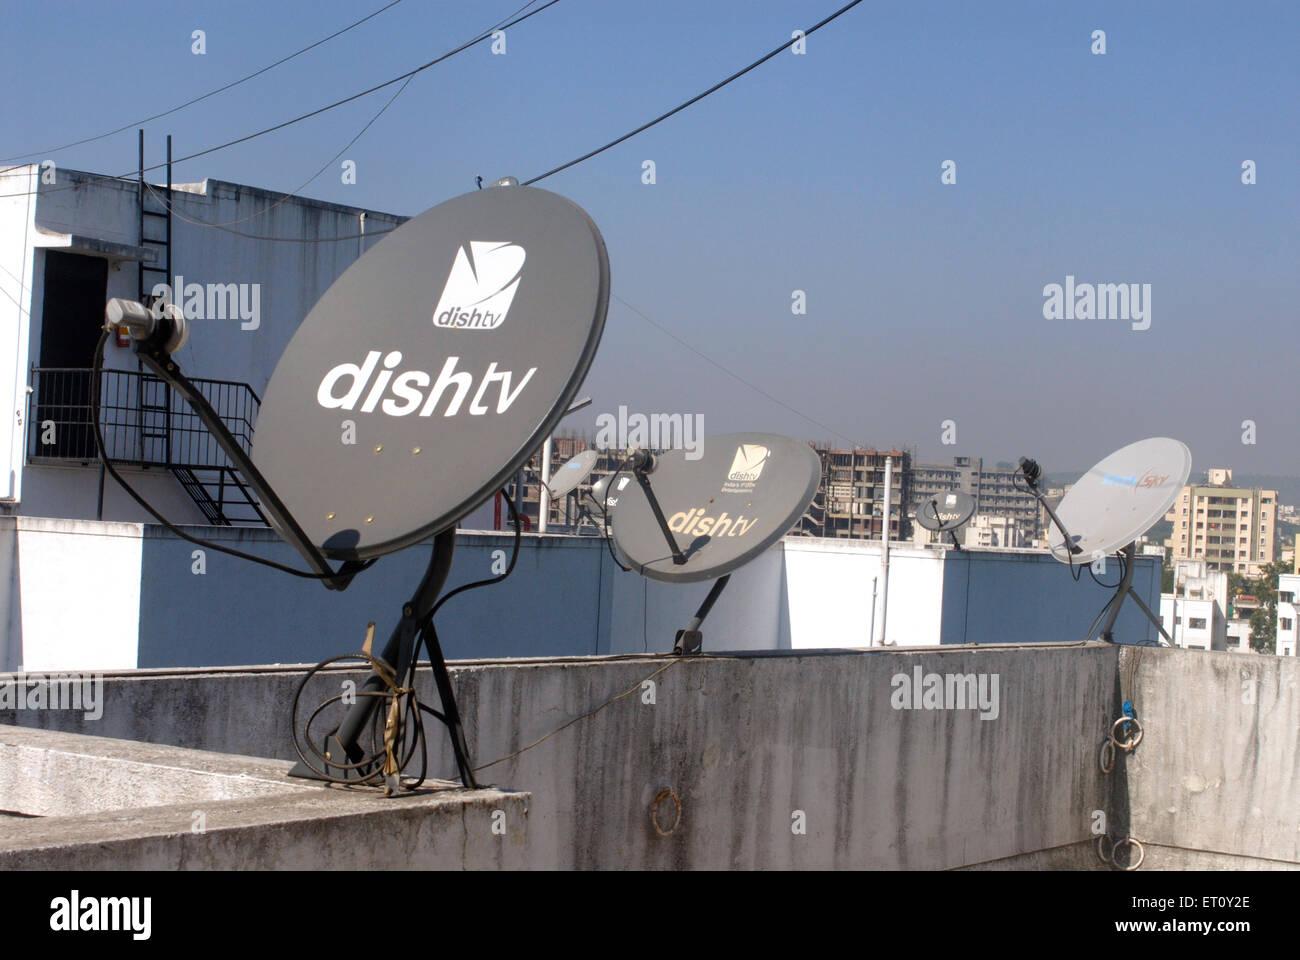 Parabolantennen für Satellitenfernsehen auf Terrasse Wohnanlage am fixiert; Pune; Maharashtra; Indien Stockbild